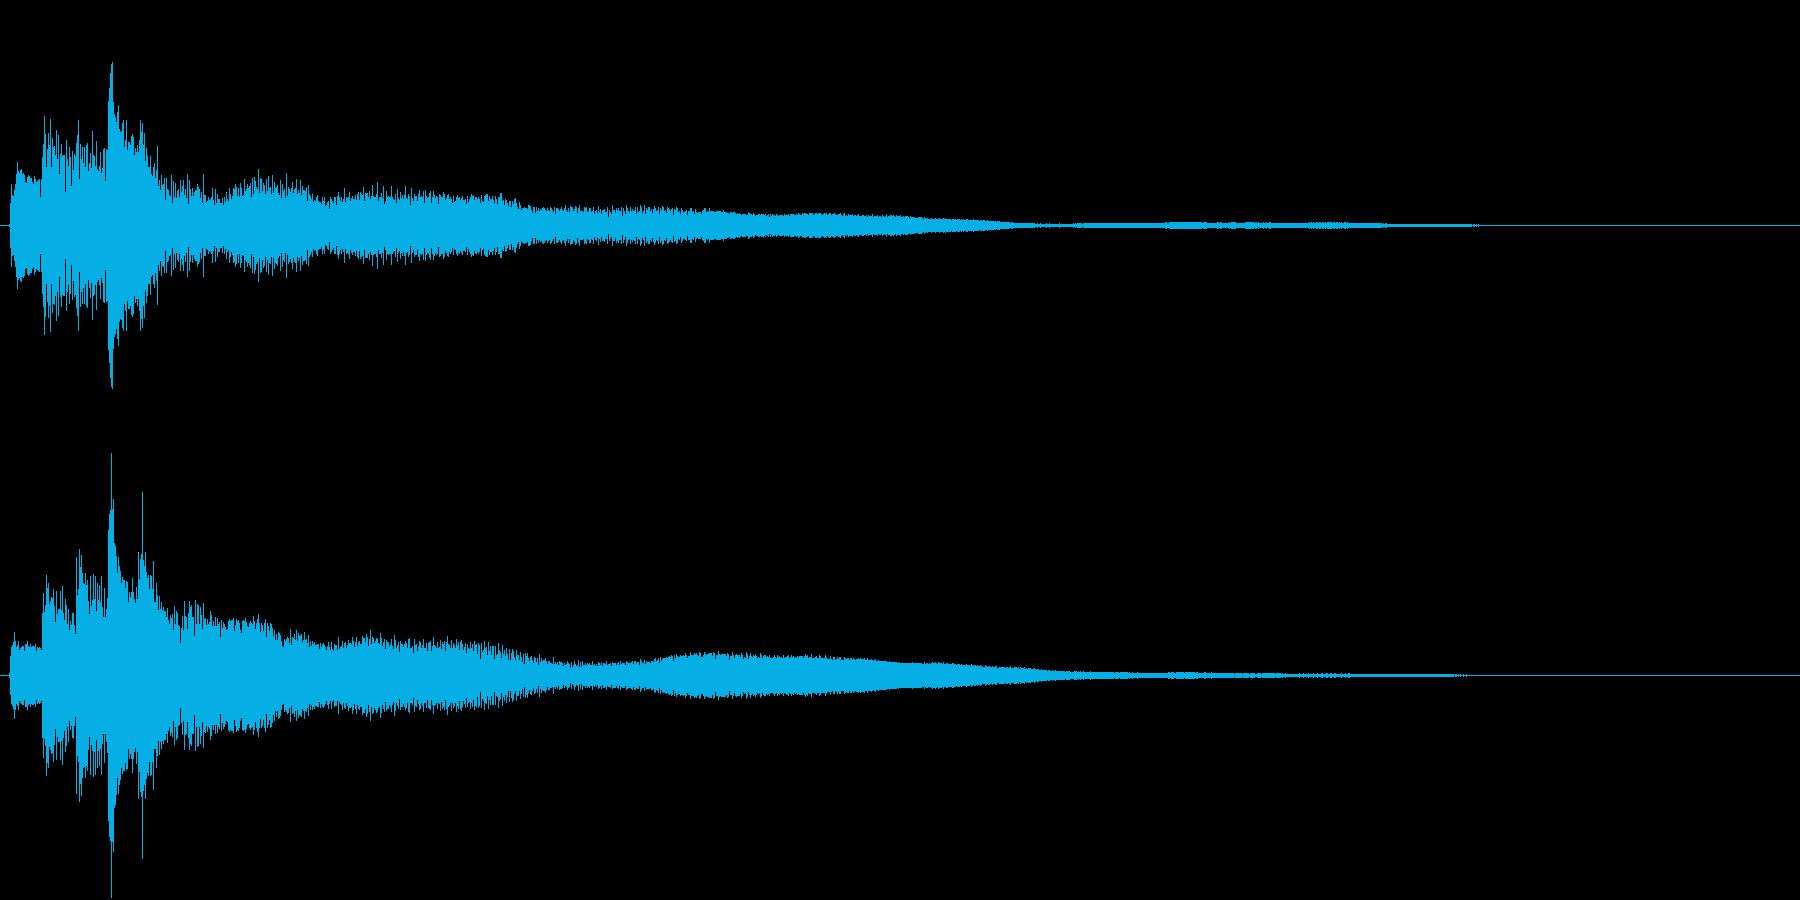 シンプルなピアノジングル02(ショート)の再生済みの波形